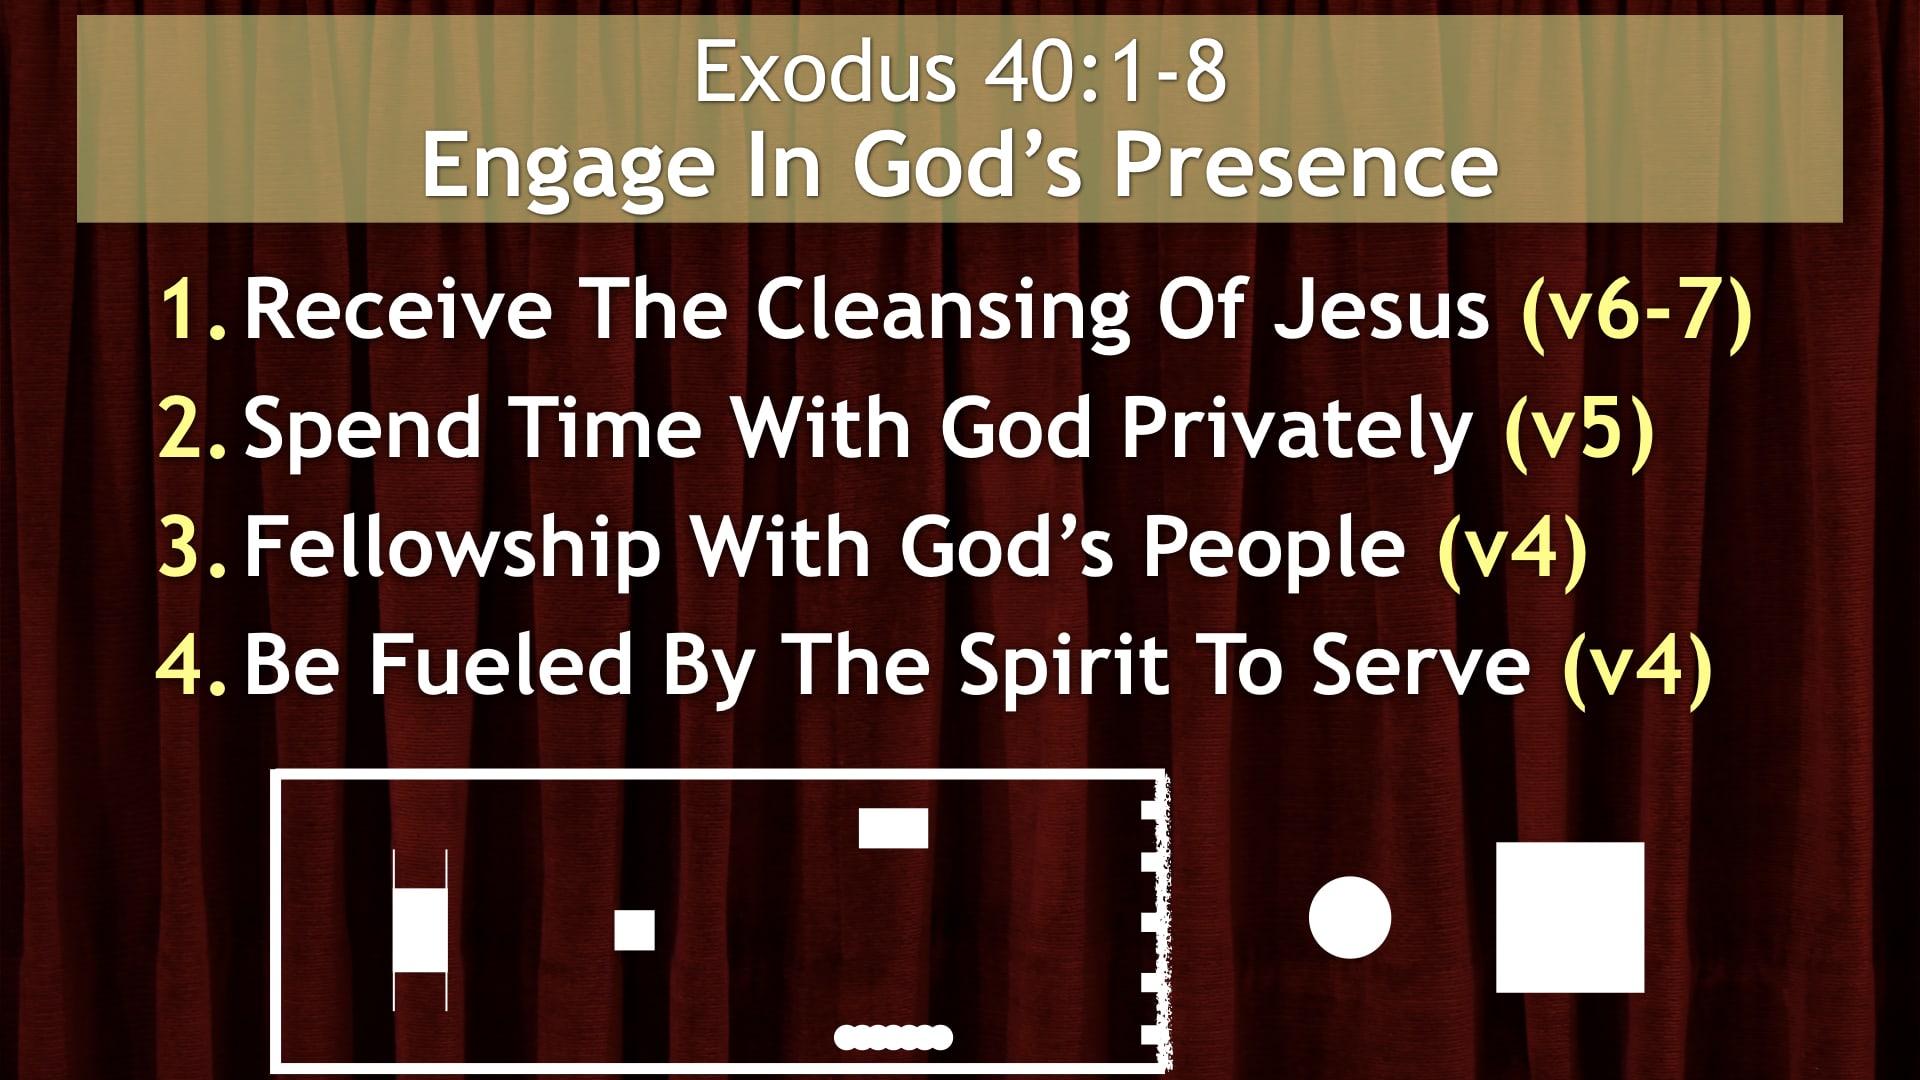 Exodus 40, Engage In God's Presence